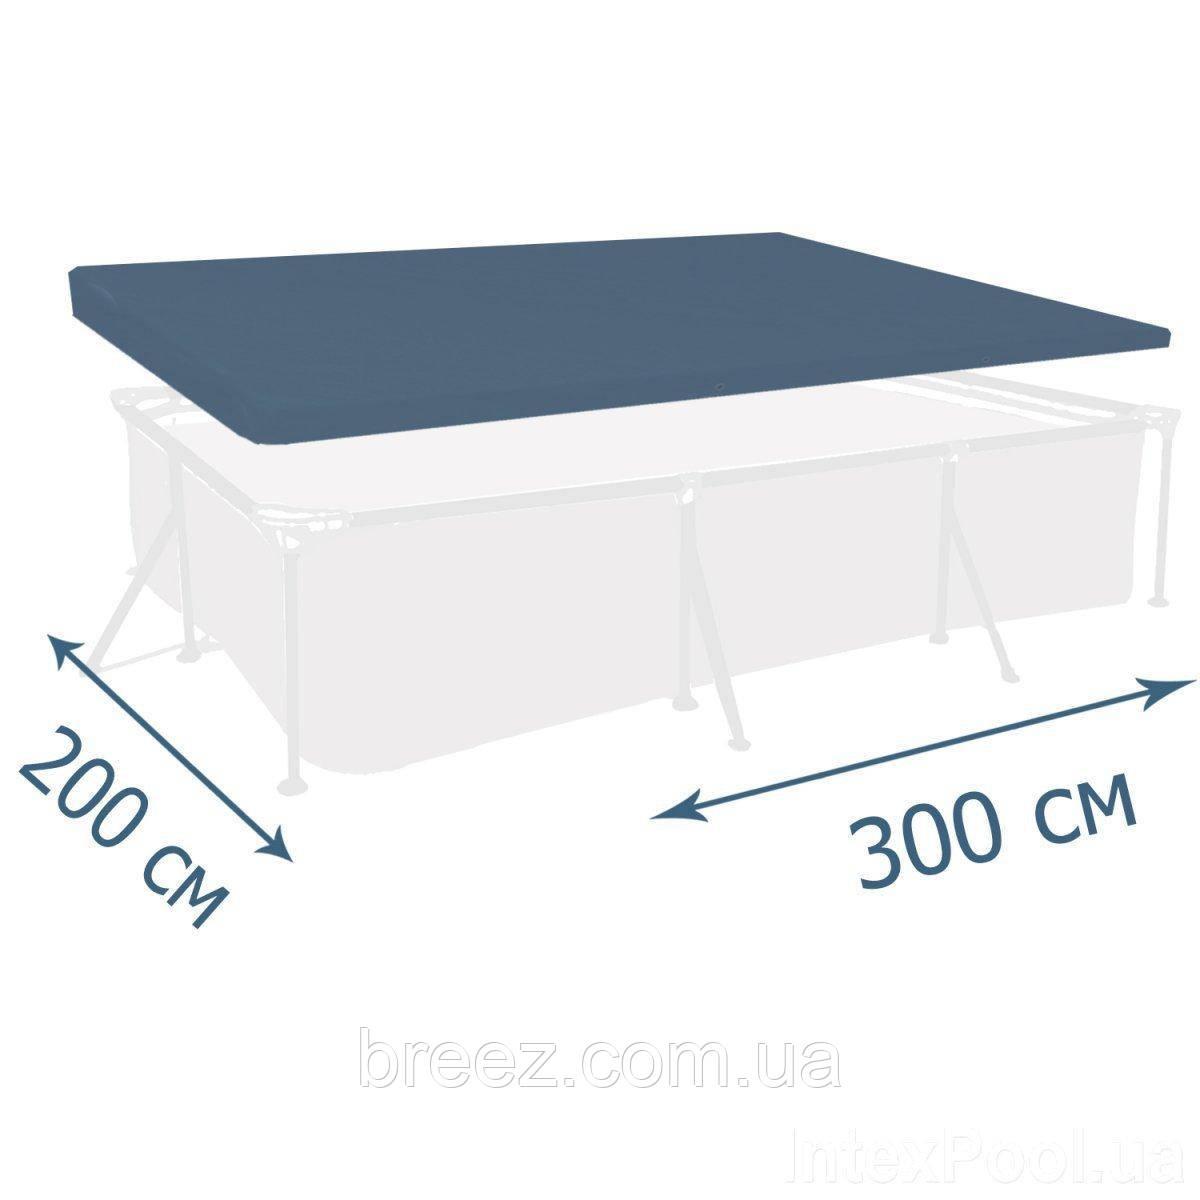 Тент чехол для каркасного бассейна Intex 28038 300 х 200 см